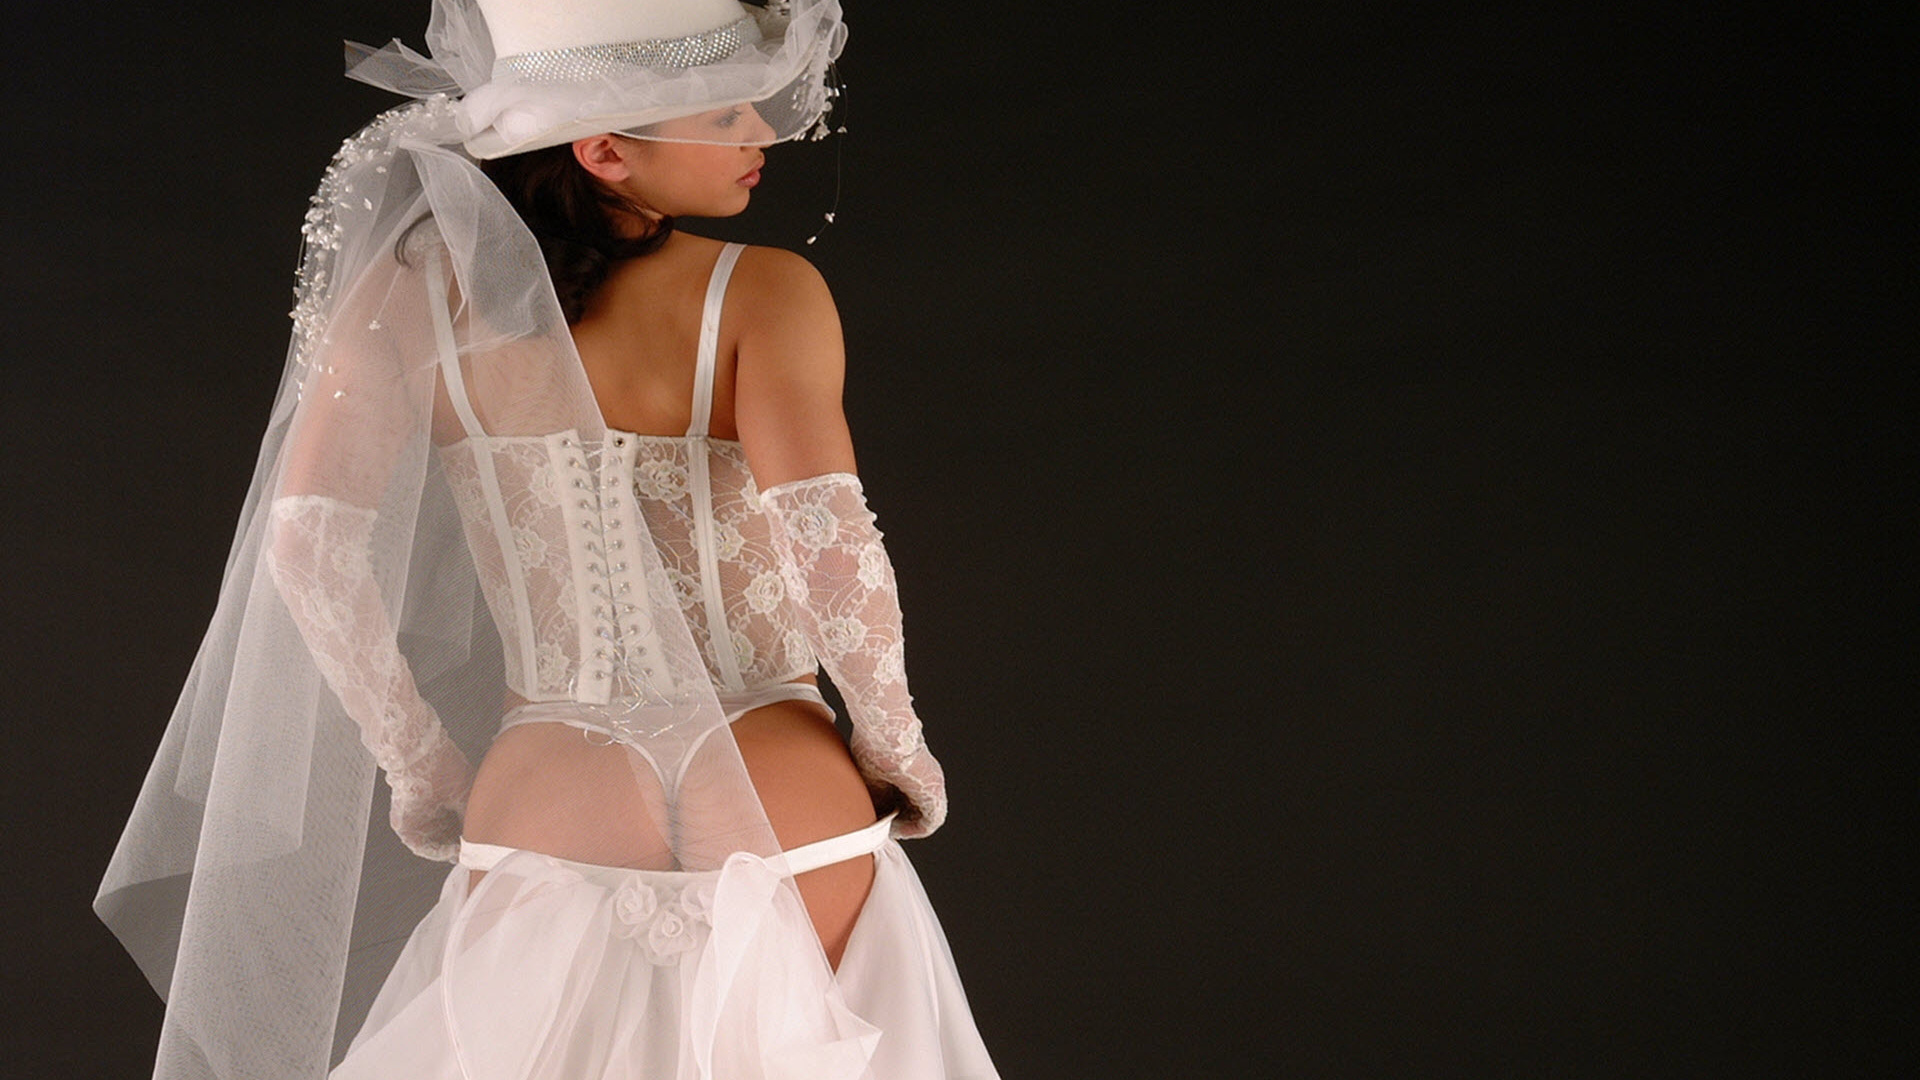 Секс тестя с невесткой онлайн, Невестка (найдено 66 порно видео роликов) 1 фотография